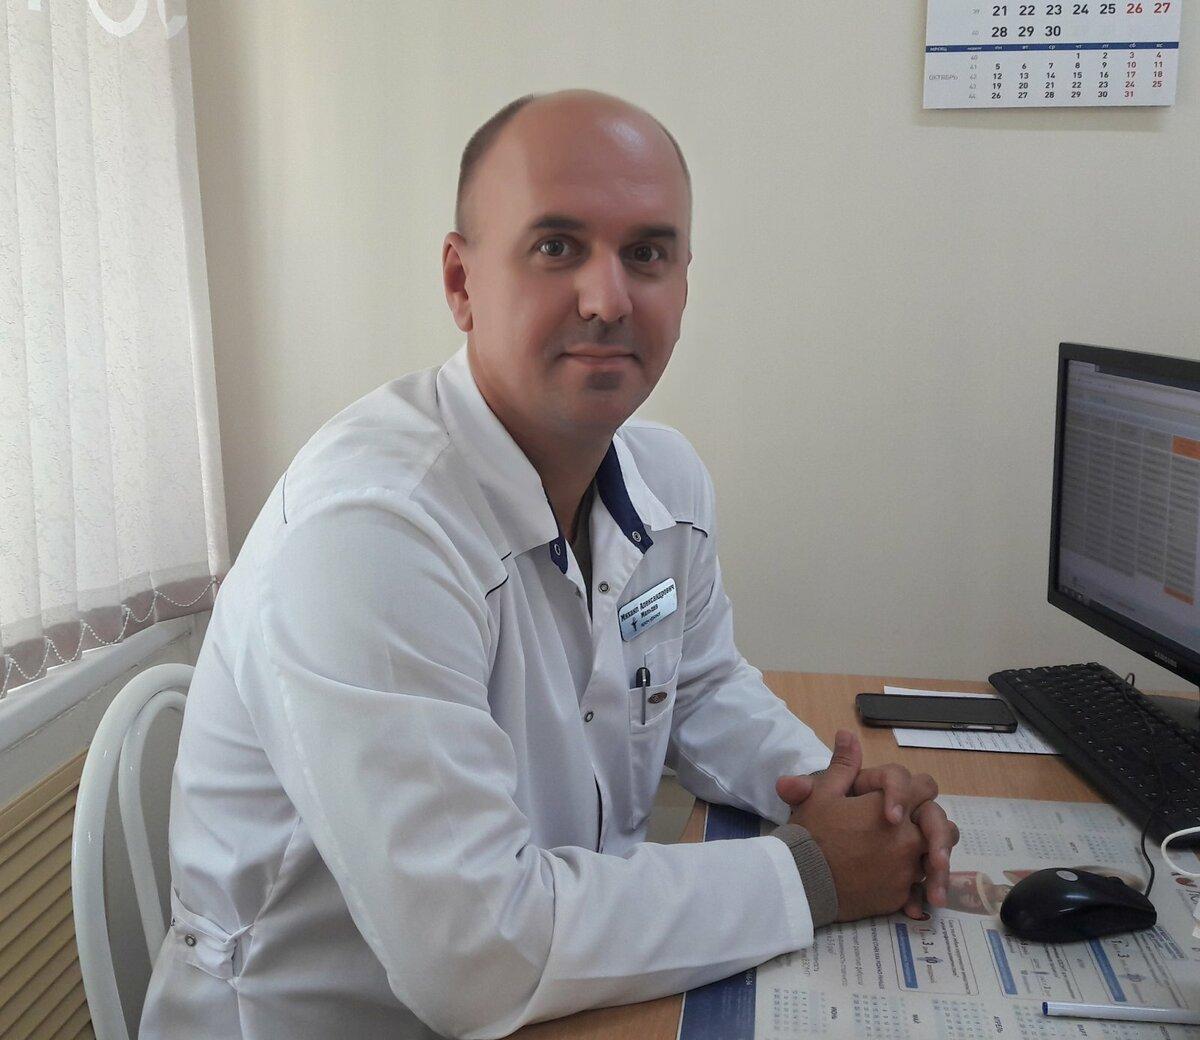 Оренбургский доктор Михаил Мальцев. Фото Инны Ломанцовой.